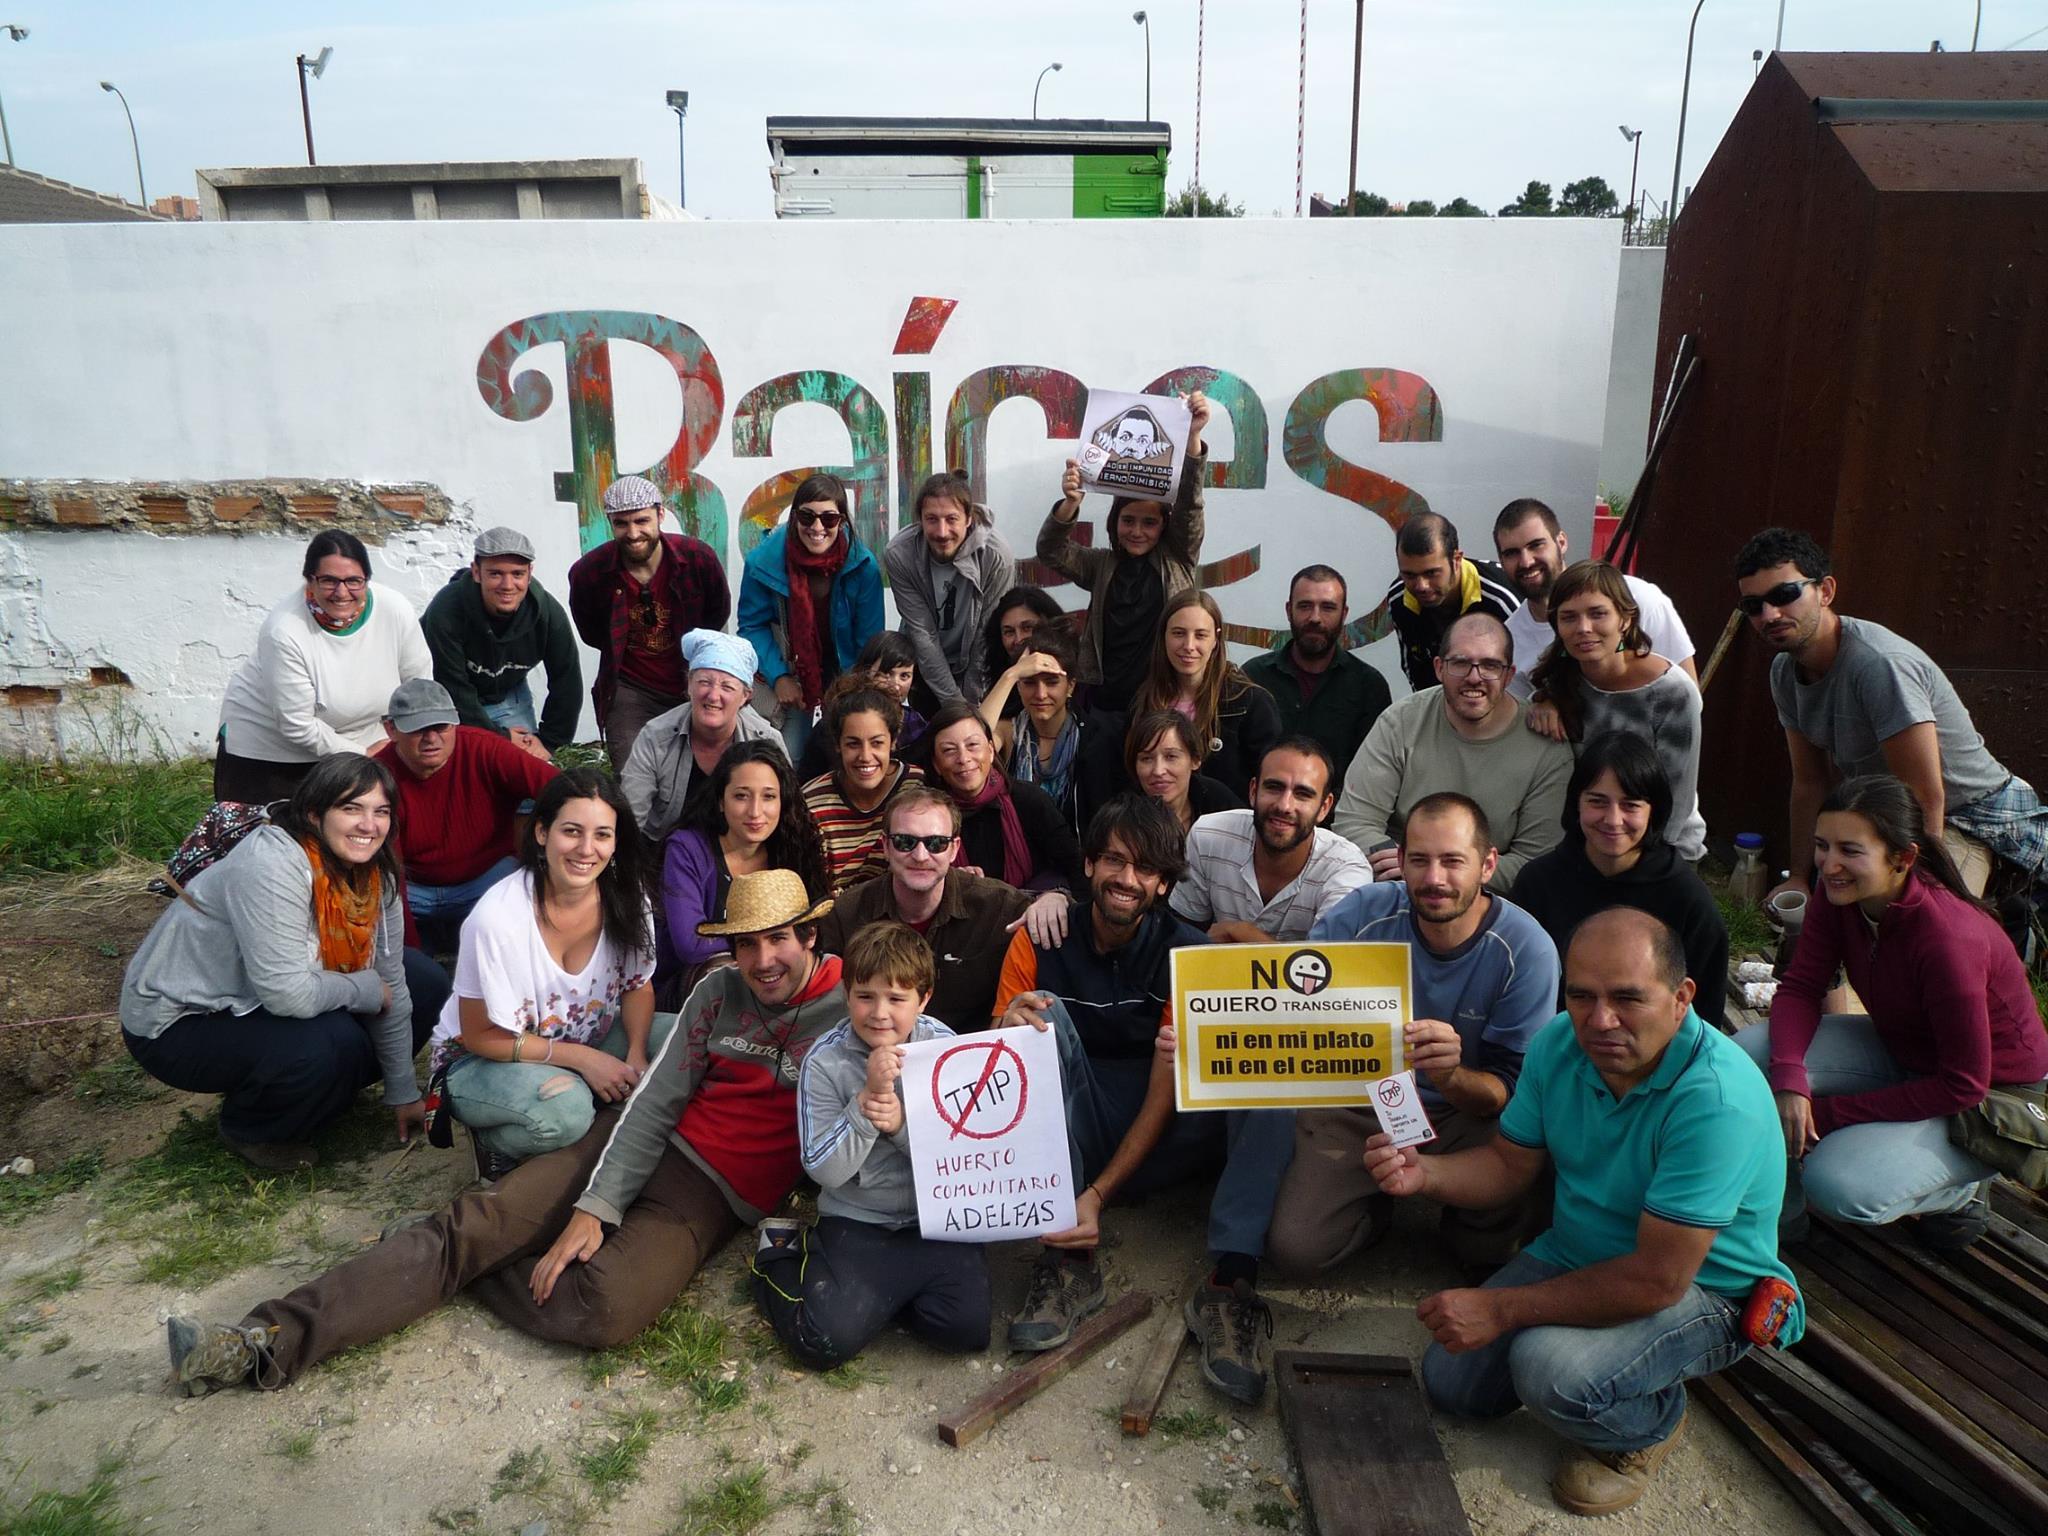 Conectando el huerto con el mundo. Acción contra el TTIP en el huerto comunitario de Adelfas. Fotografía: Manuel Muñoz